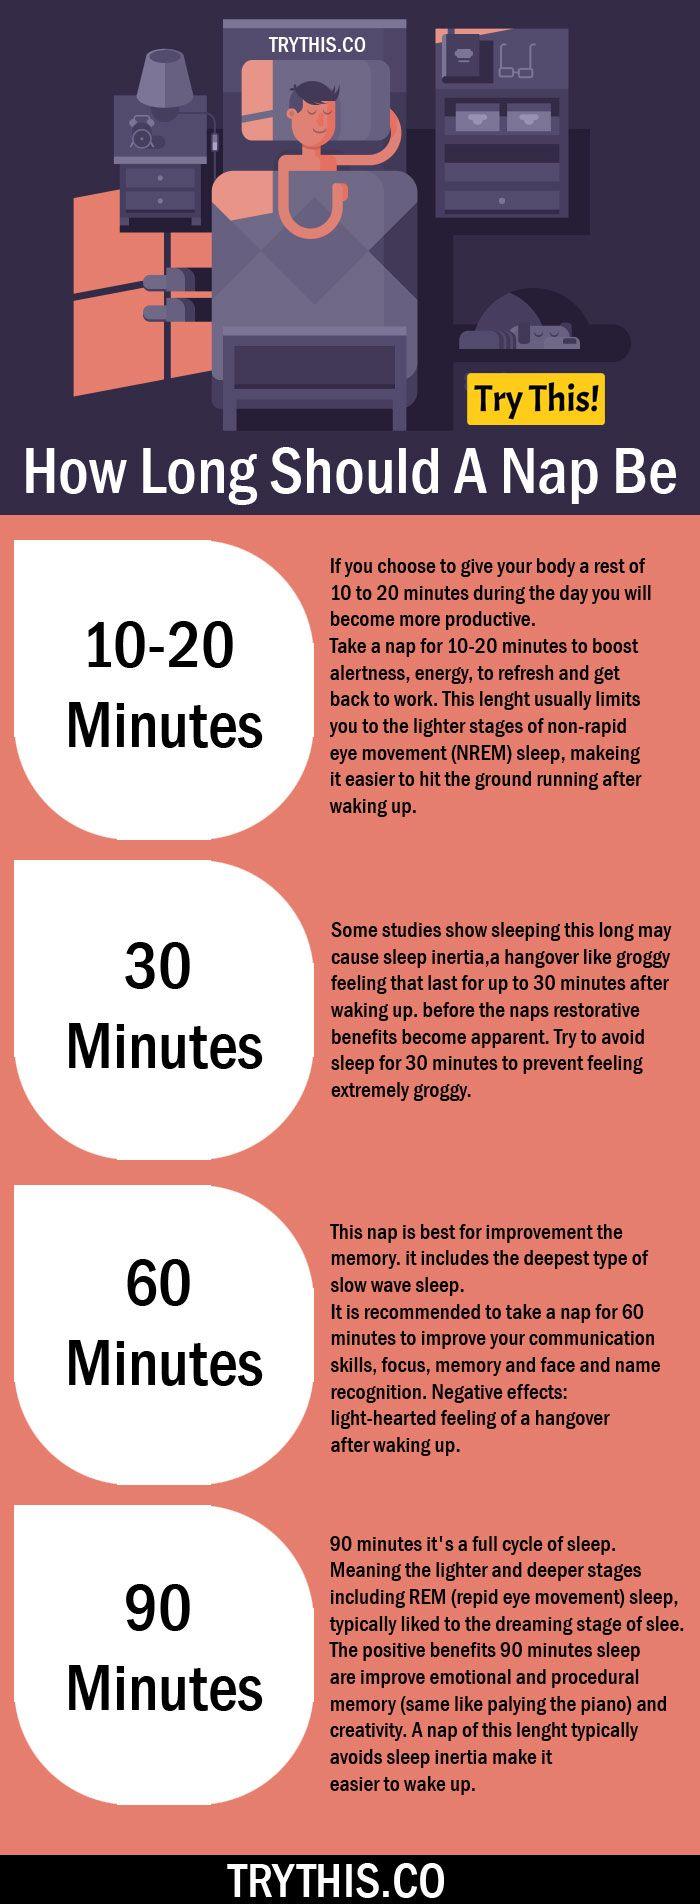 How Long Should A Nap Be